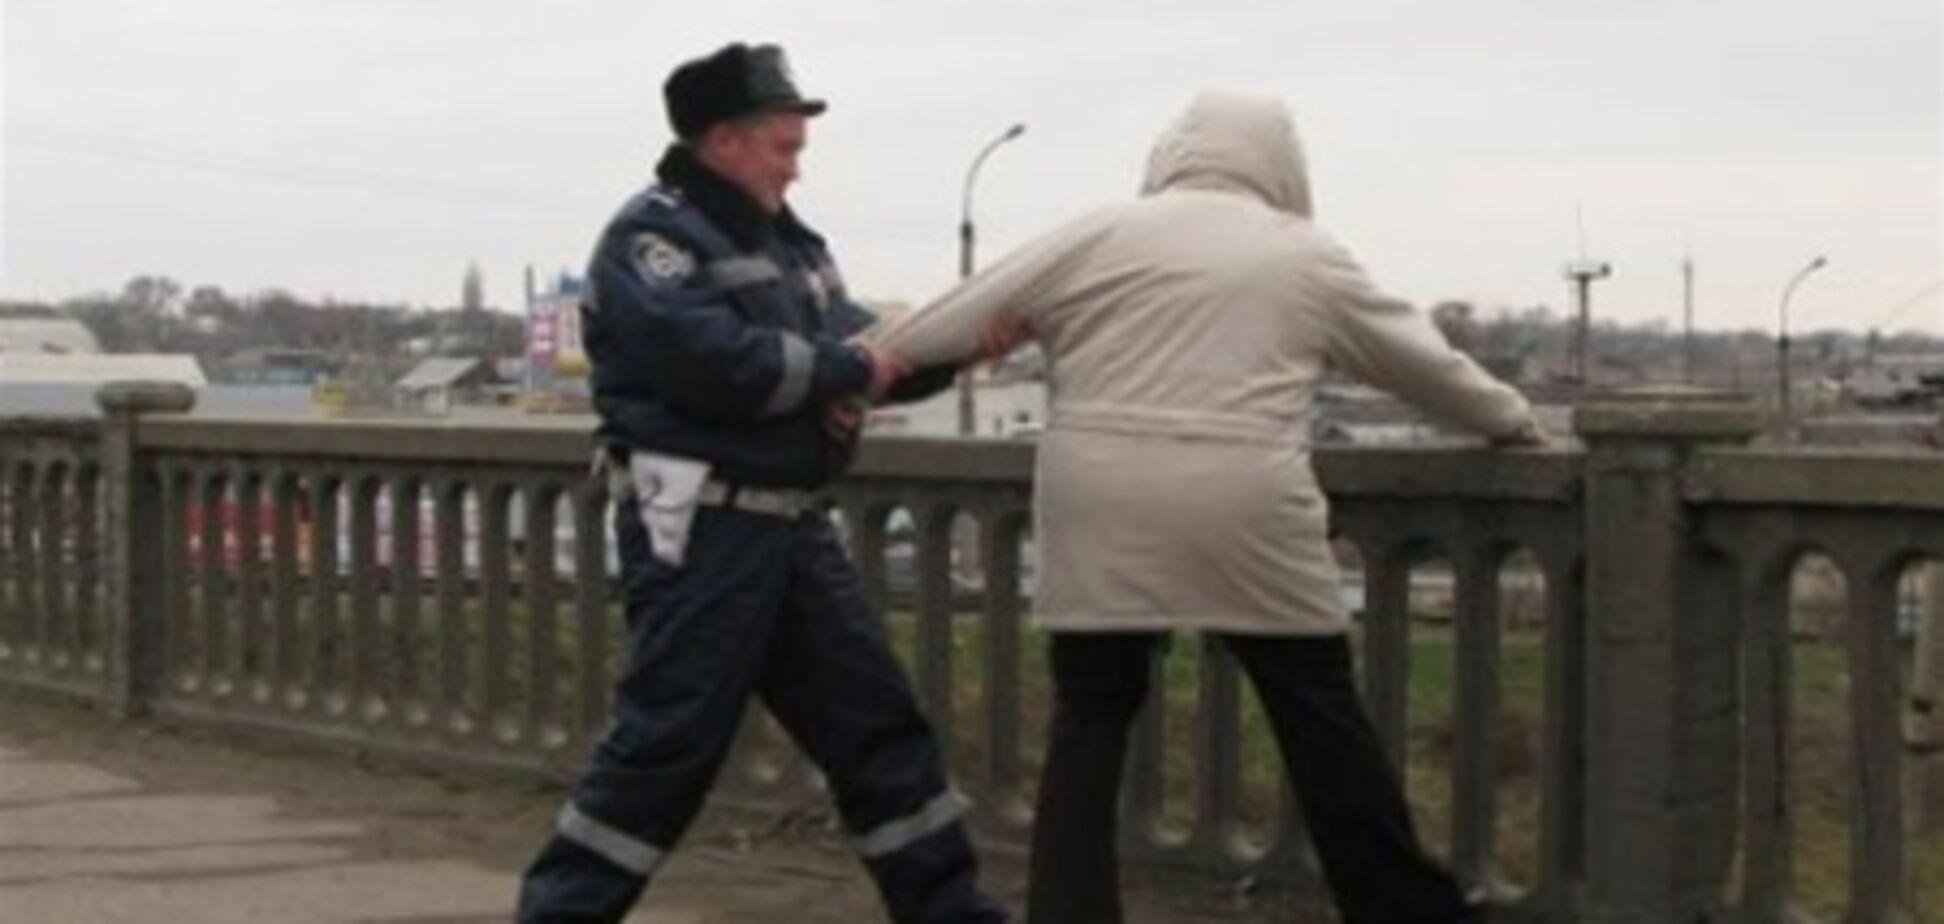 Гаишник отговорил девушку прыгать с моста